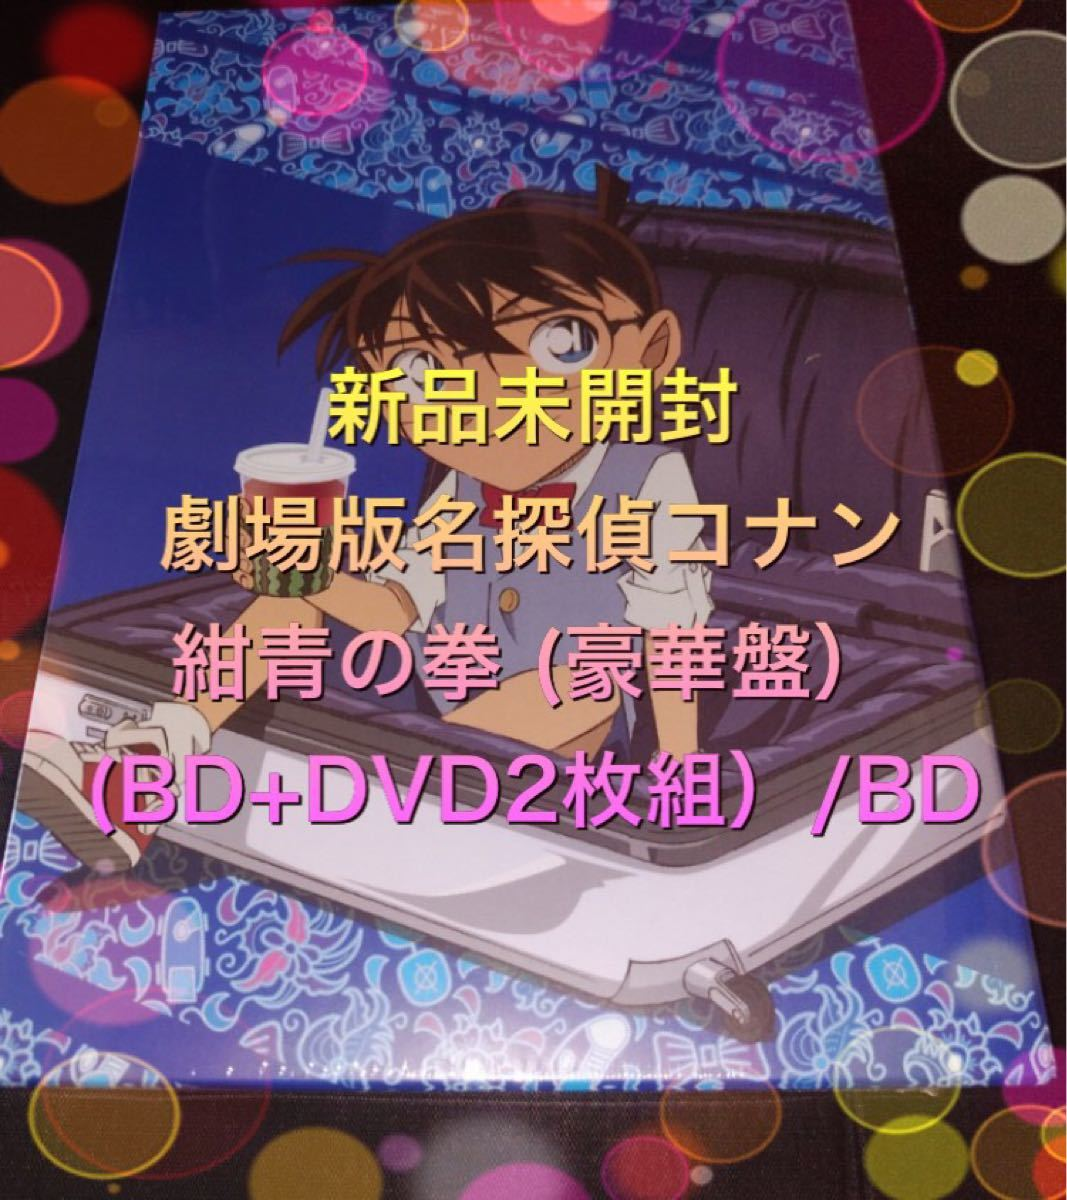 劇場版名探偵コナン 紺青の拳 (豪華盤) (BD+DVD2枚組)/BD